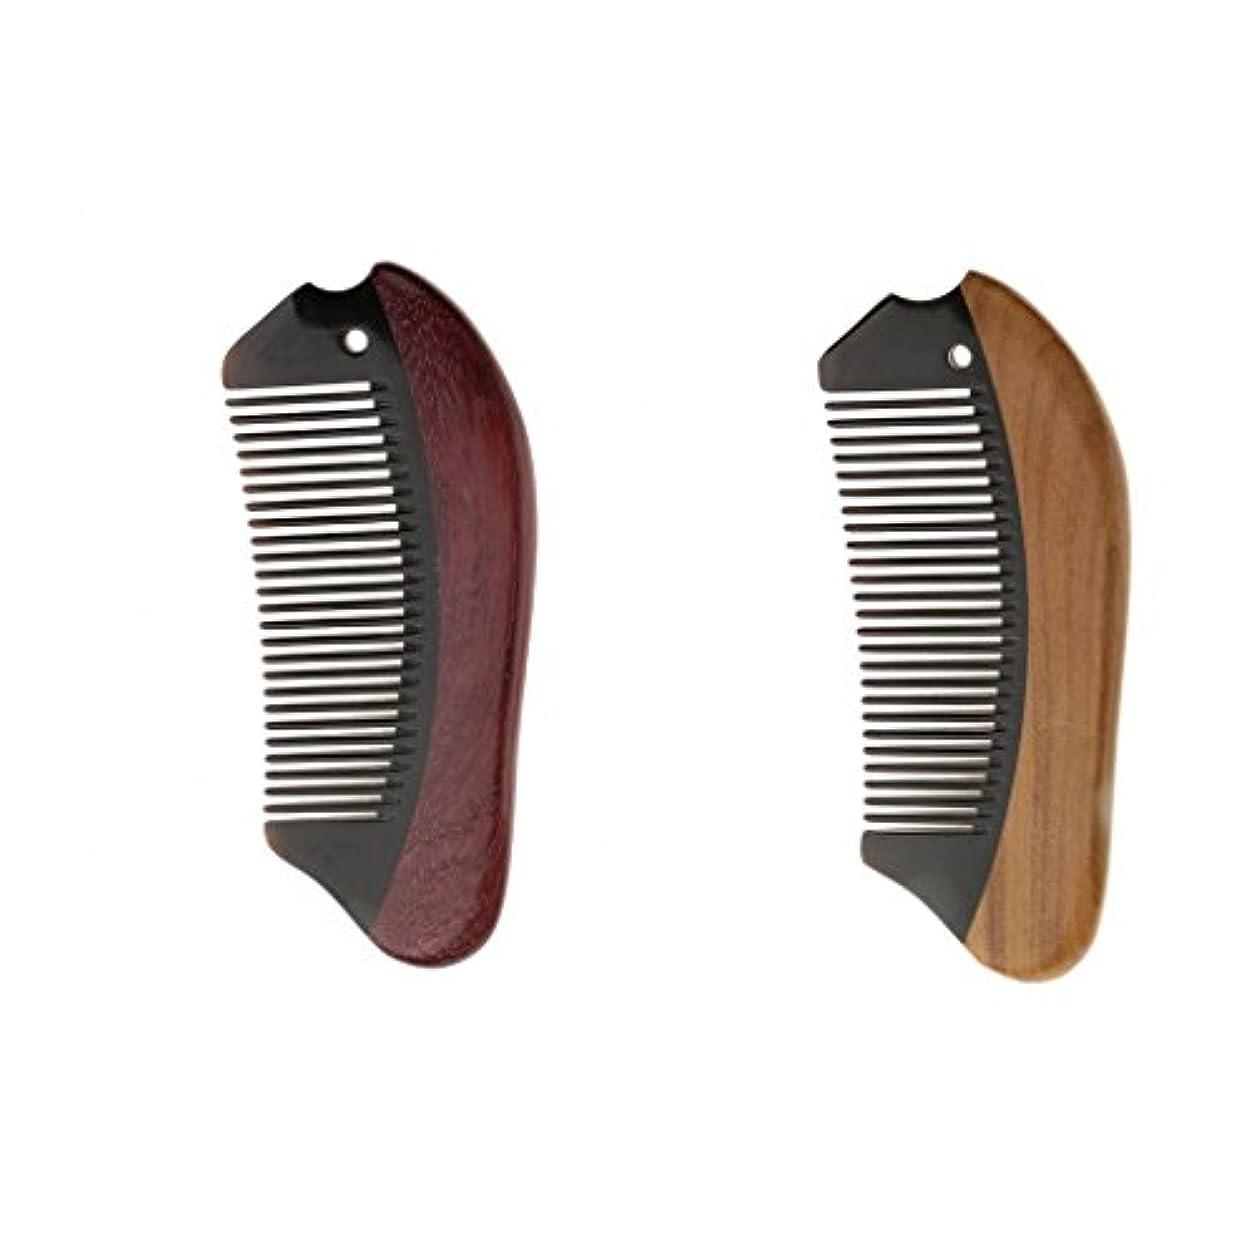 注文配る罪悪感2個 木製 櫛 コーム ヘアダイコーム ブラシ 静電気防止 マッサージ 滑らか 快適